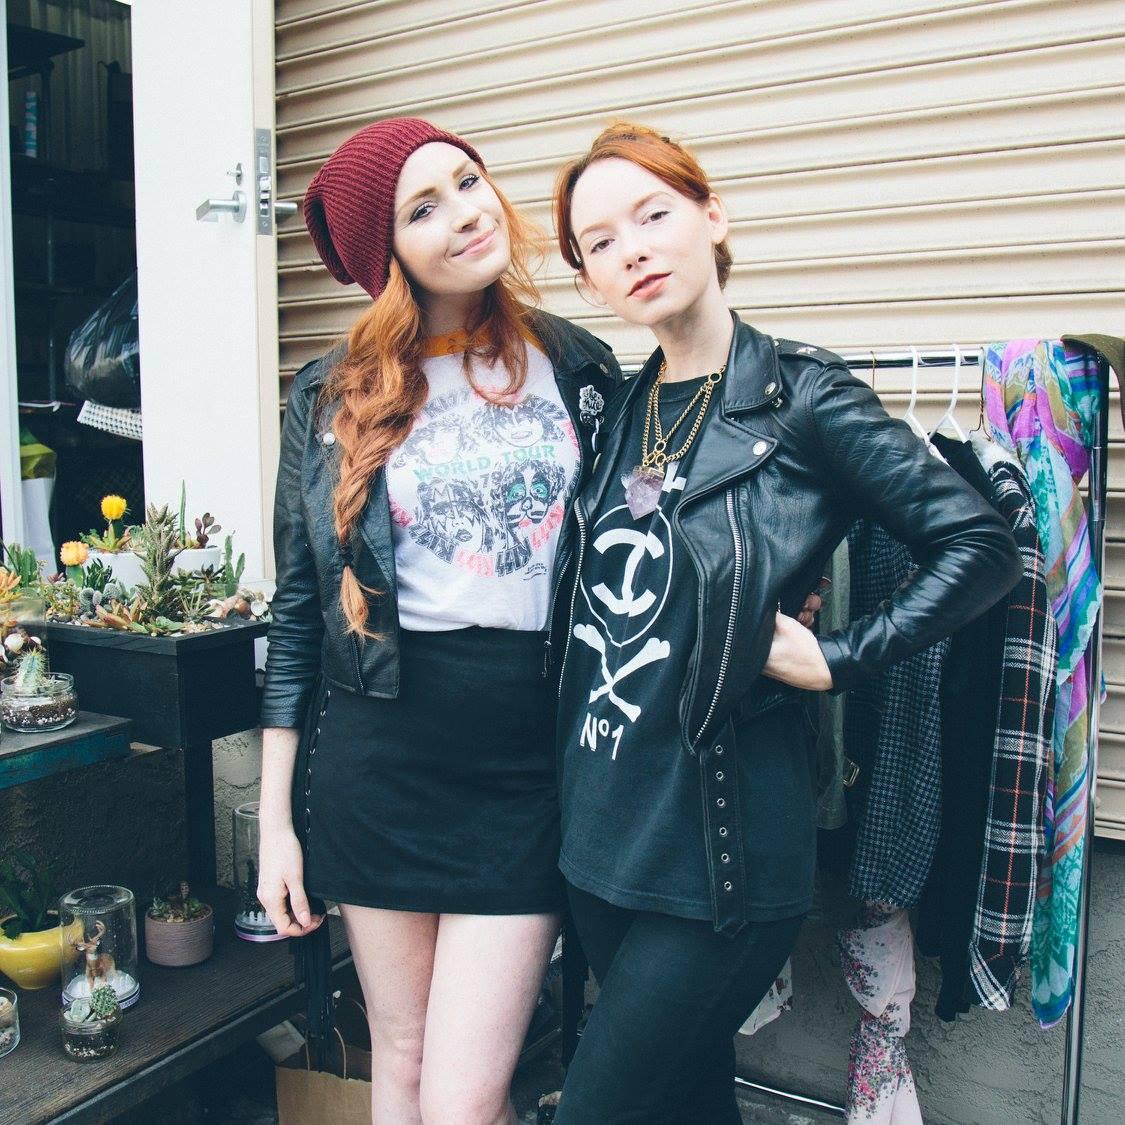 Bloggers xomissdanielle & hattiewatson